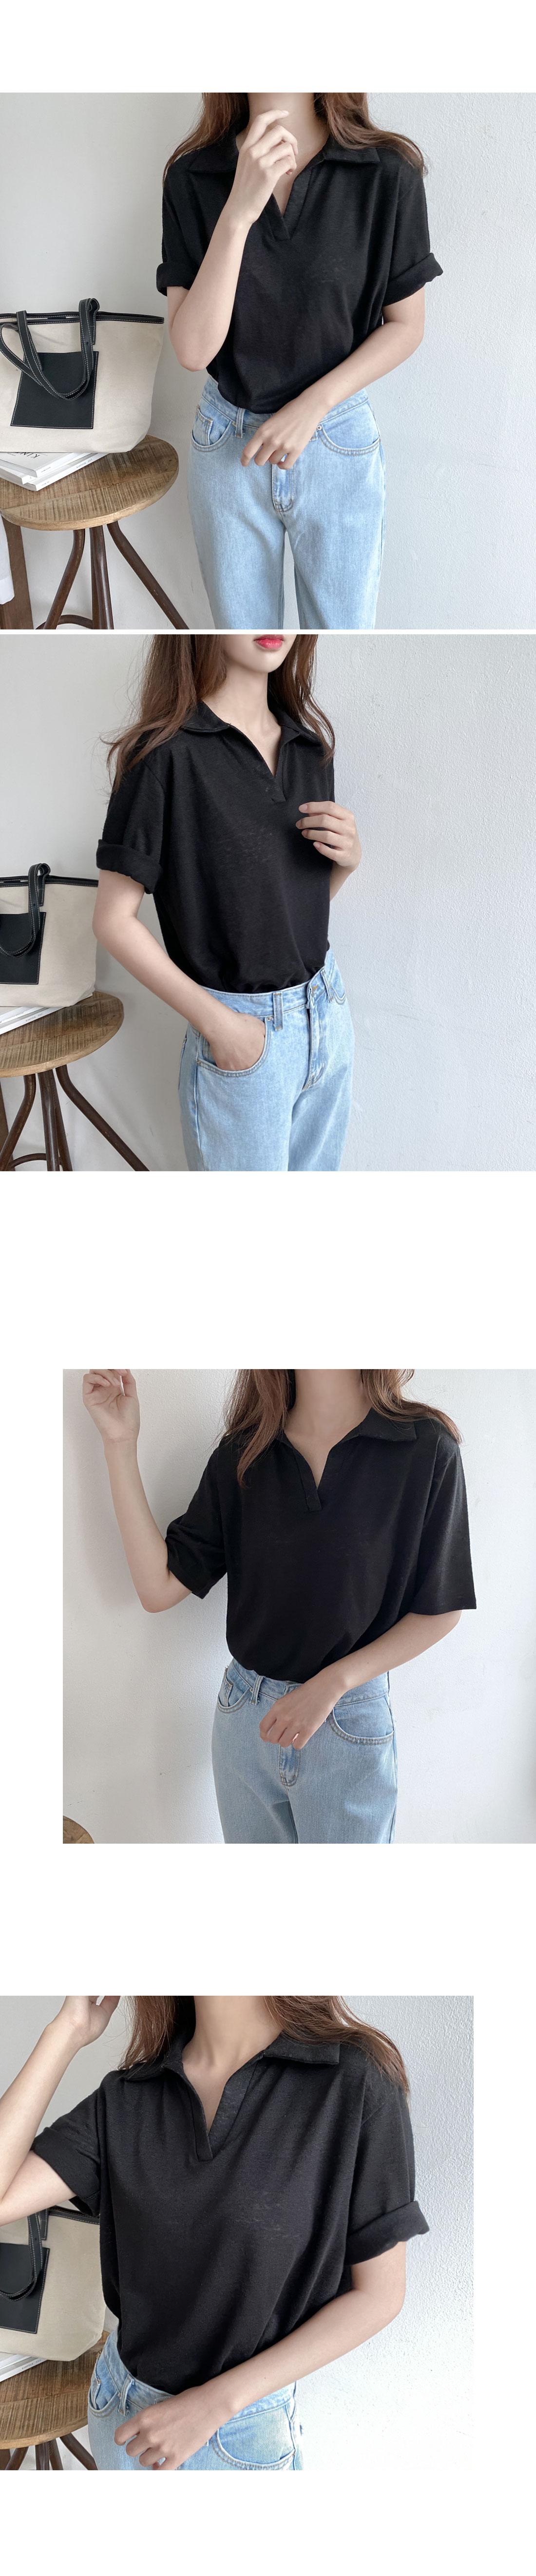 Jackie linen color shirt